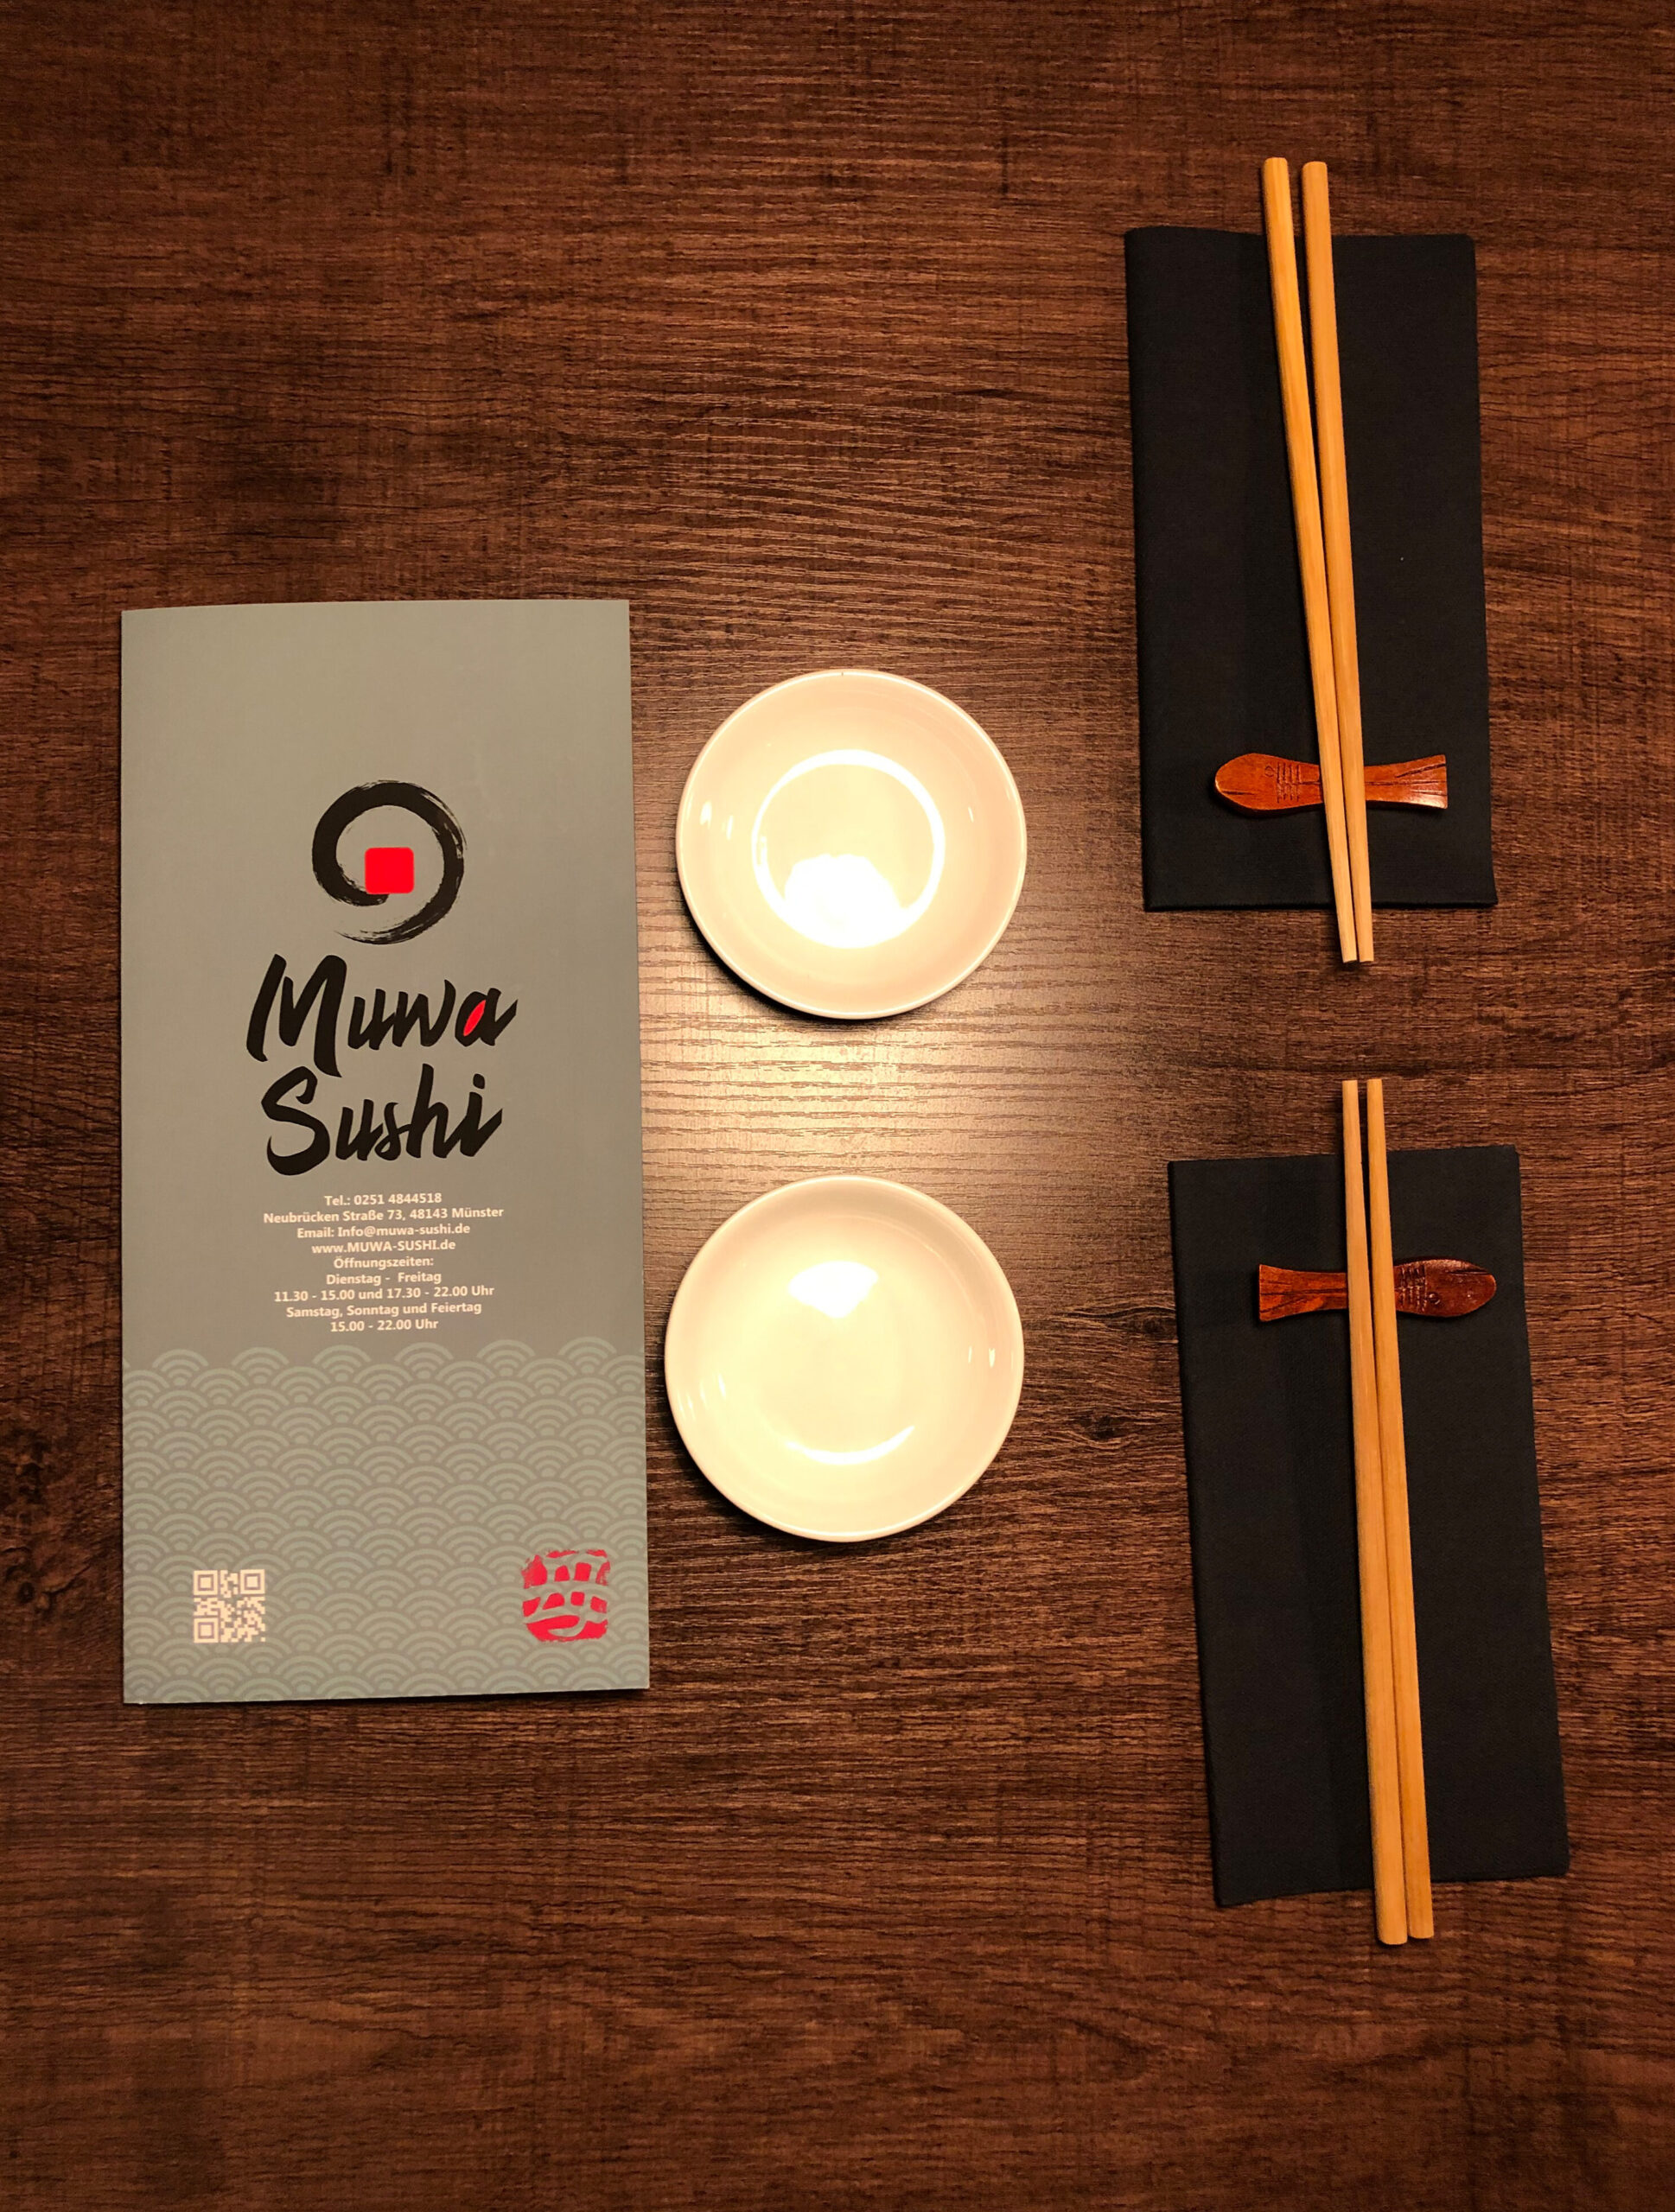 Muwa Sushi